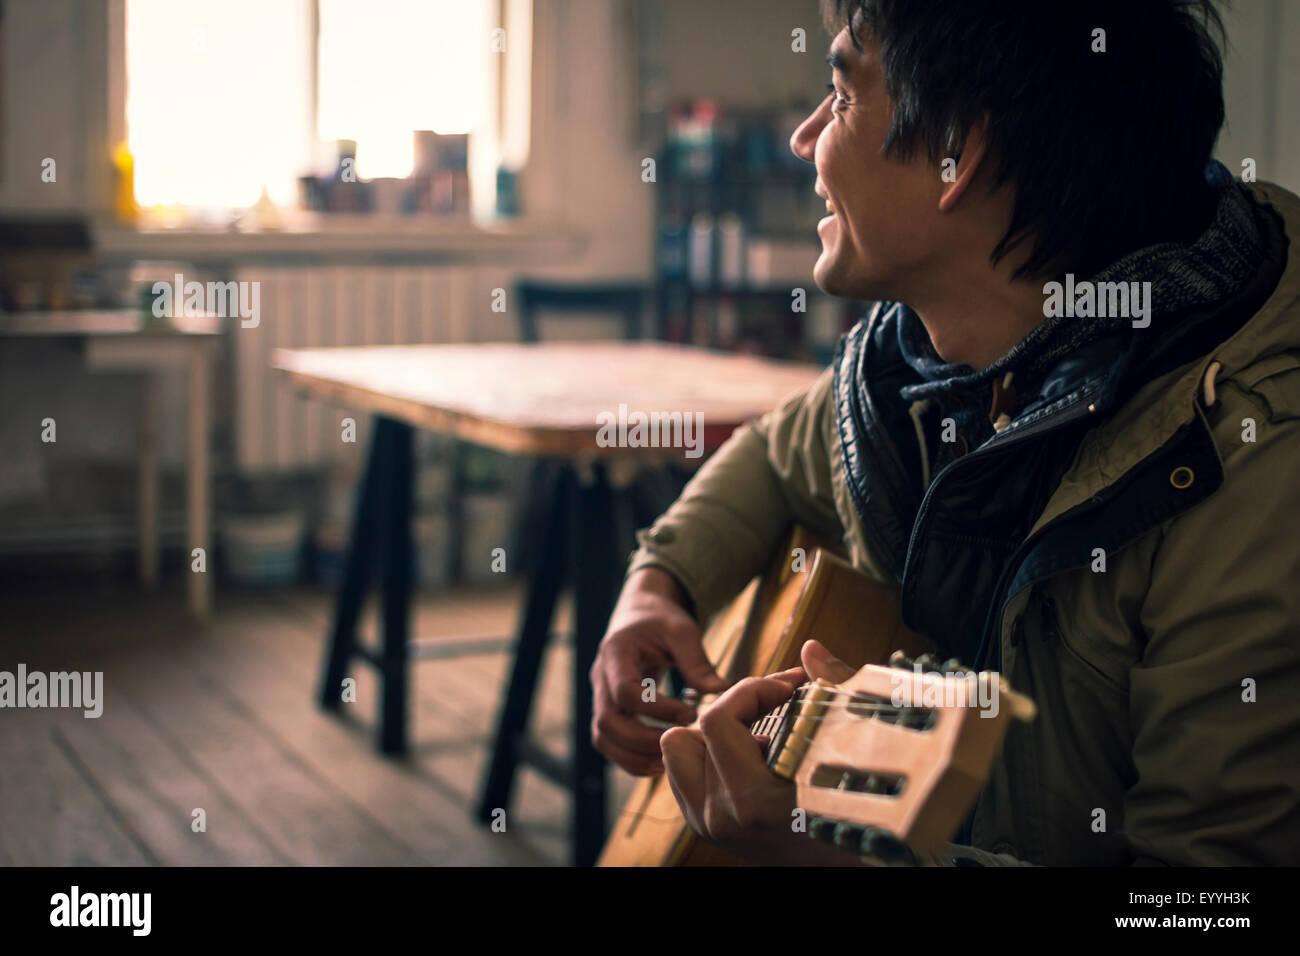 Asiatischer Mann Gitarre spielen im Innenbereich Stockfoto